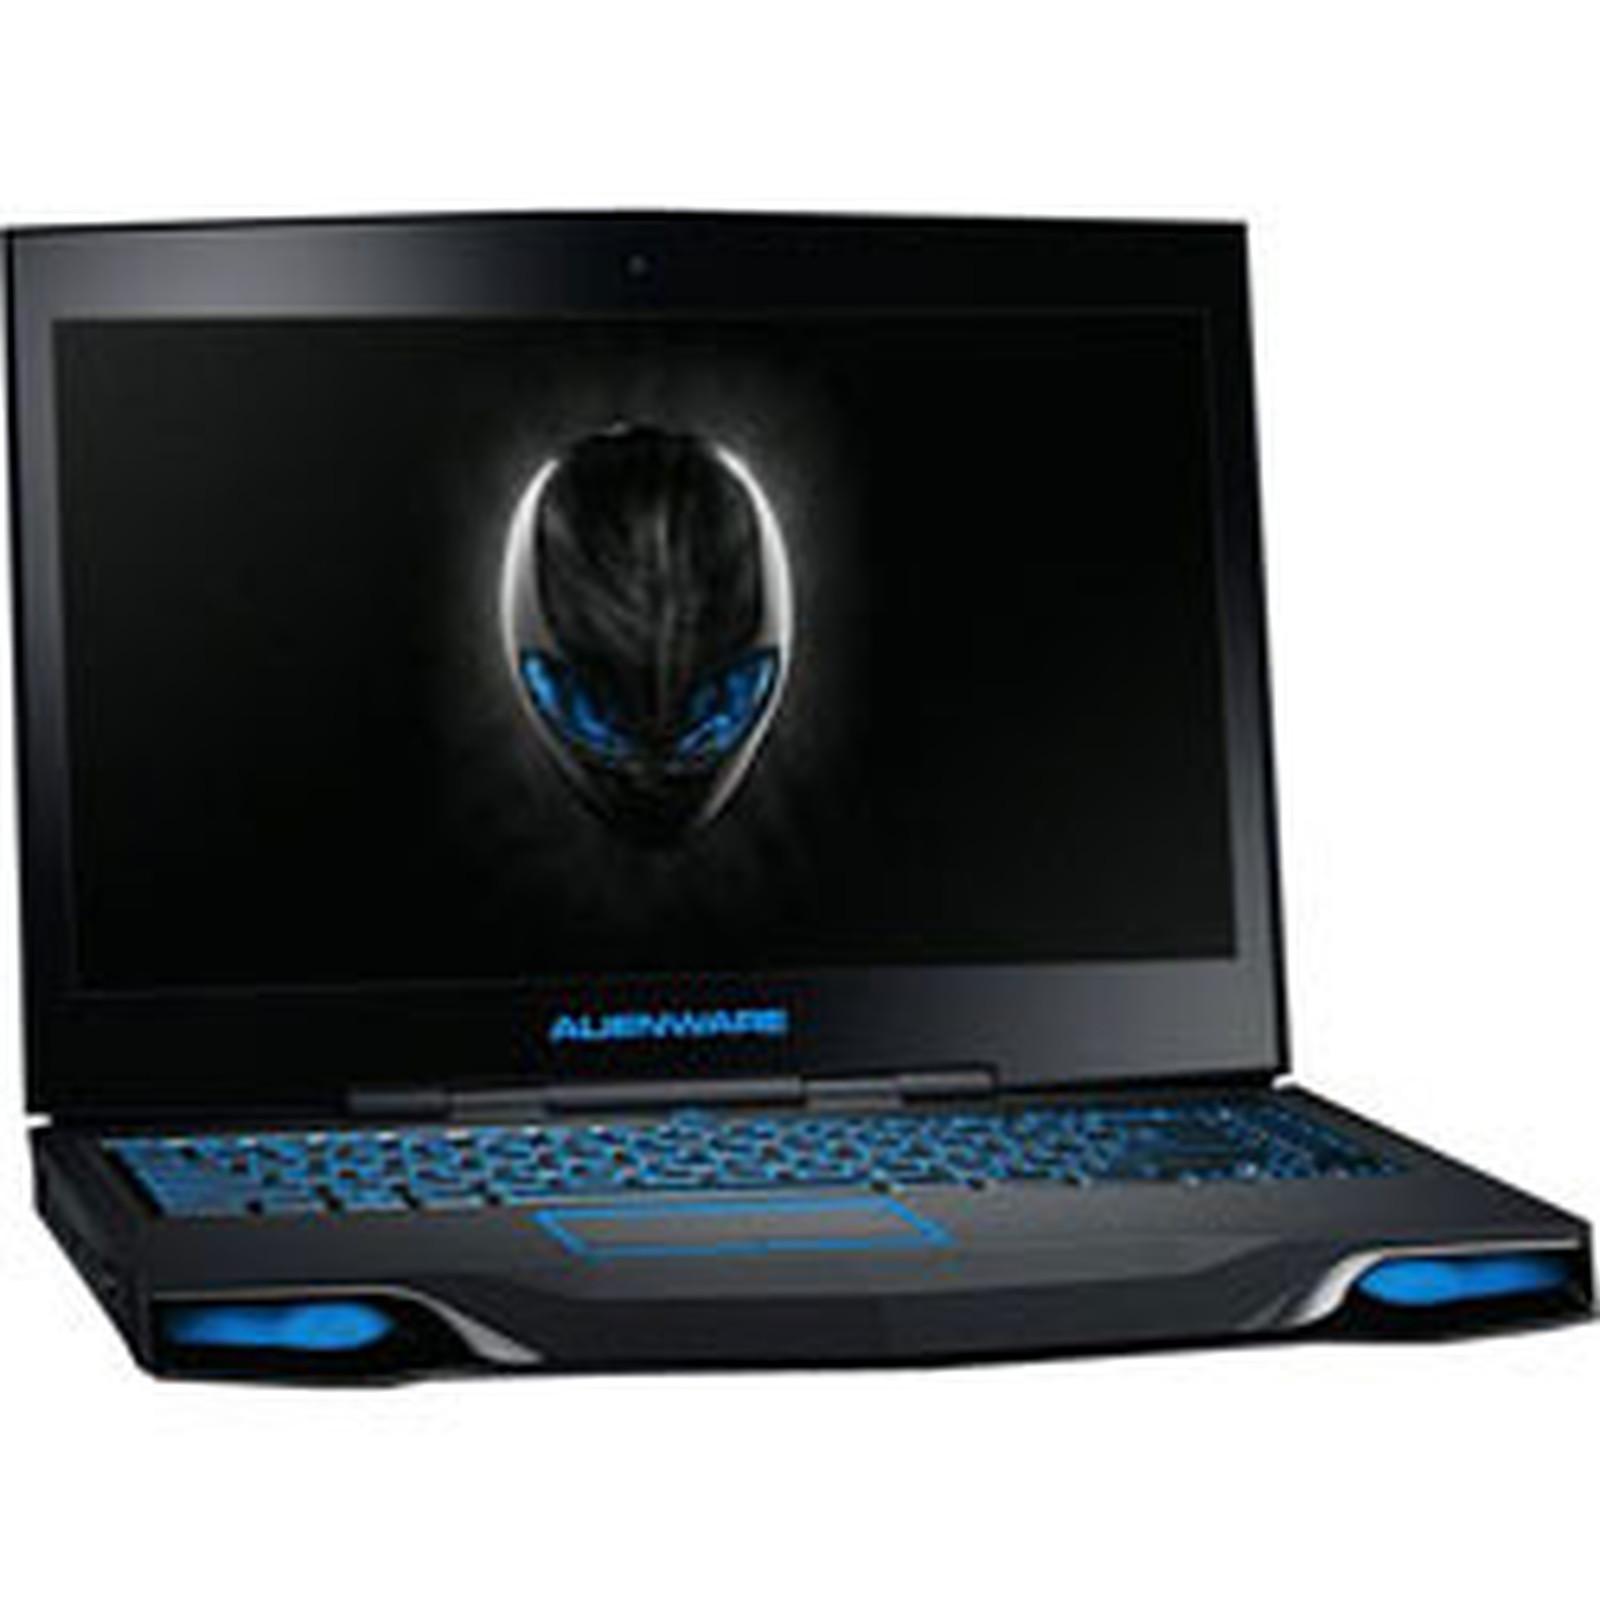 Dell Alienware M14x-9625